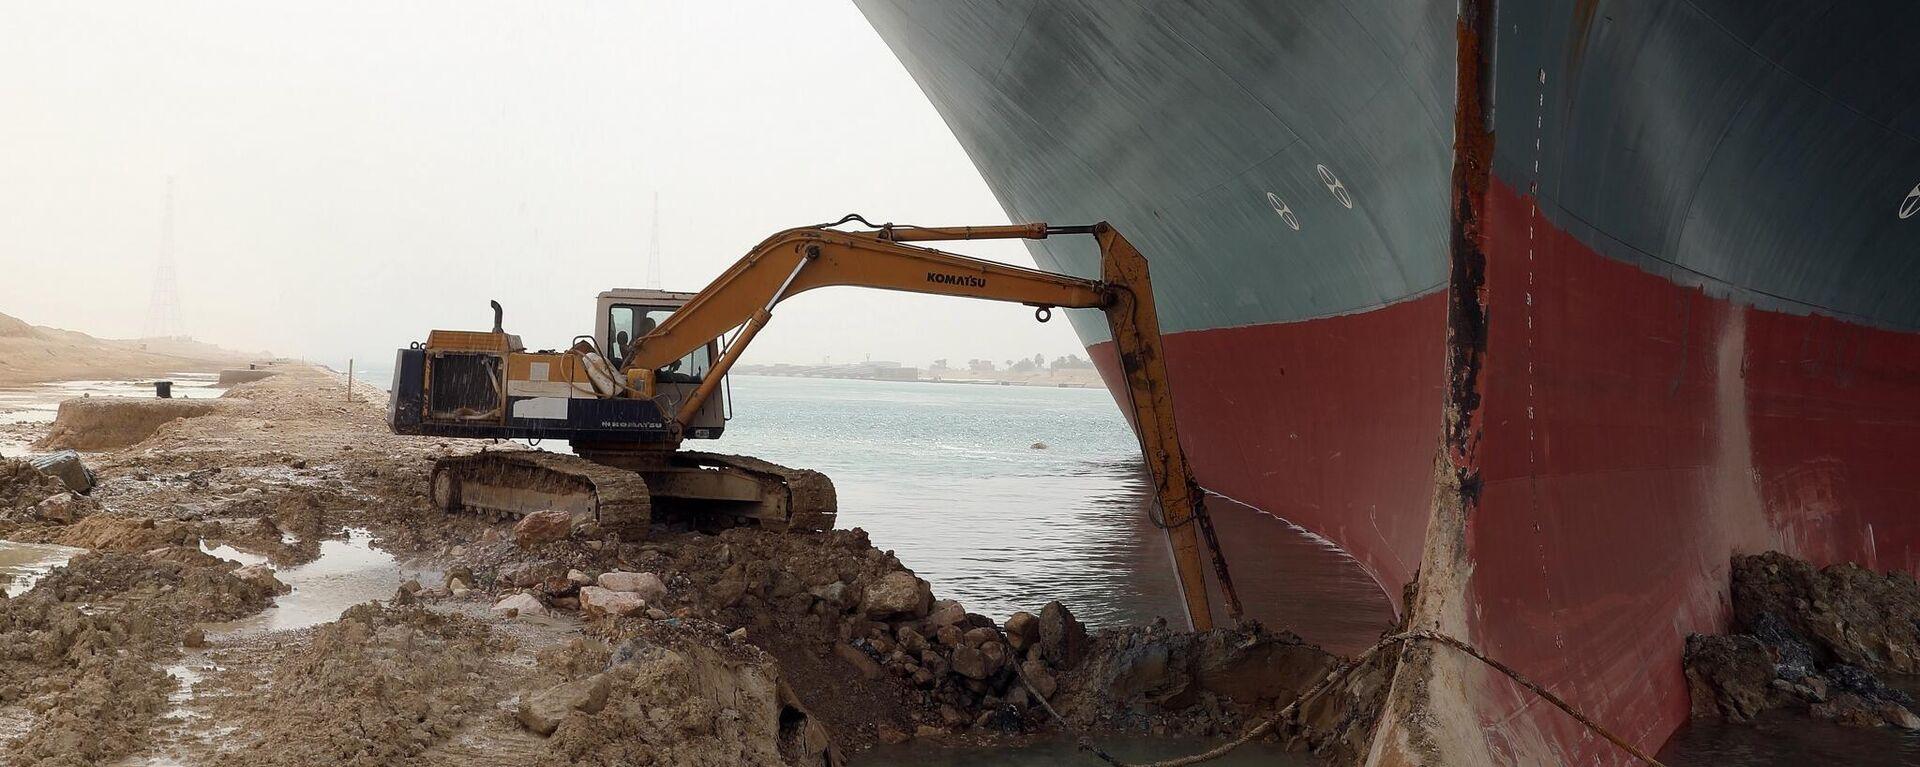 Havarie im Suezkanal - SNA, 1920, 29.03.2021